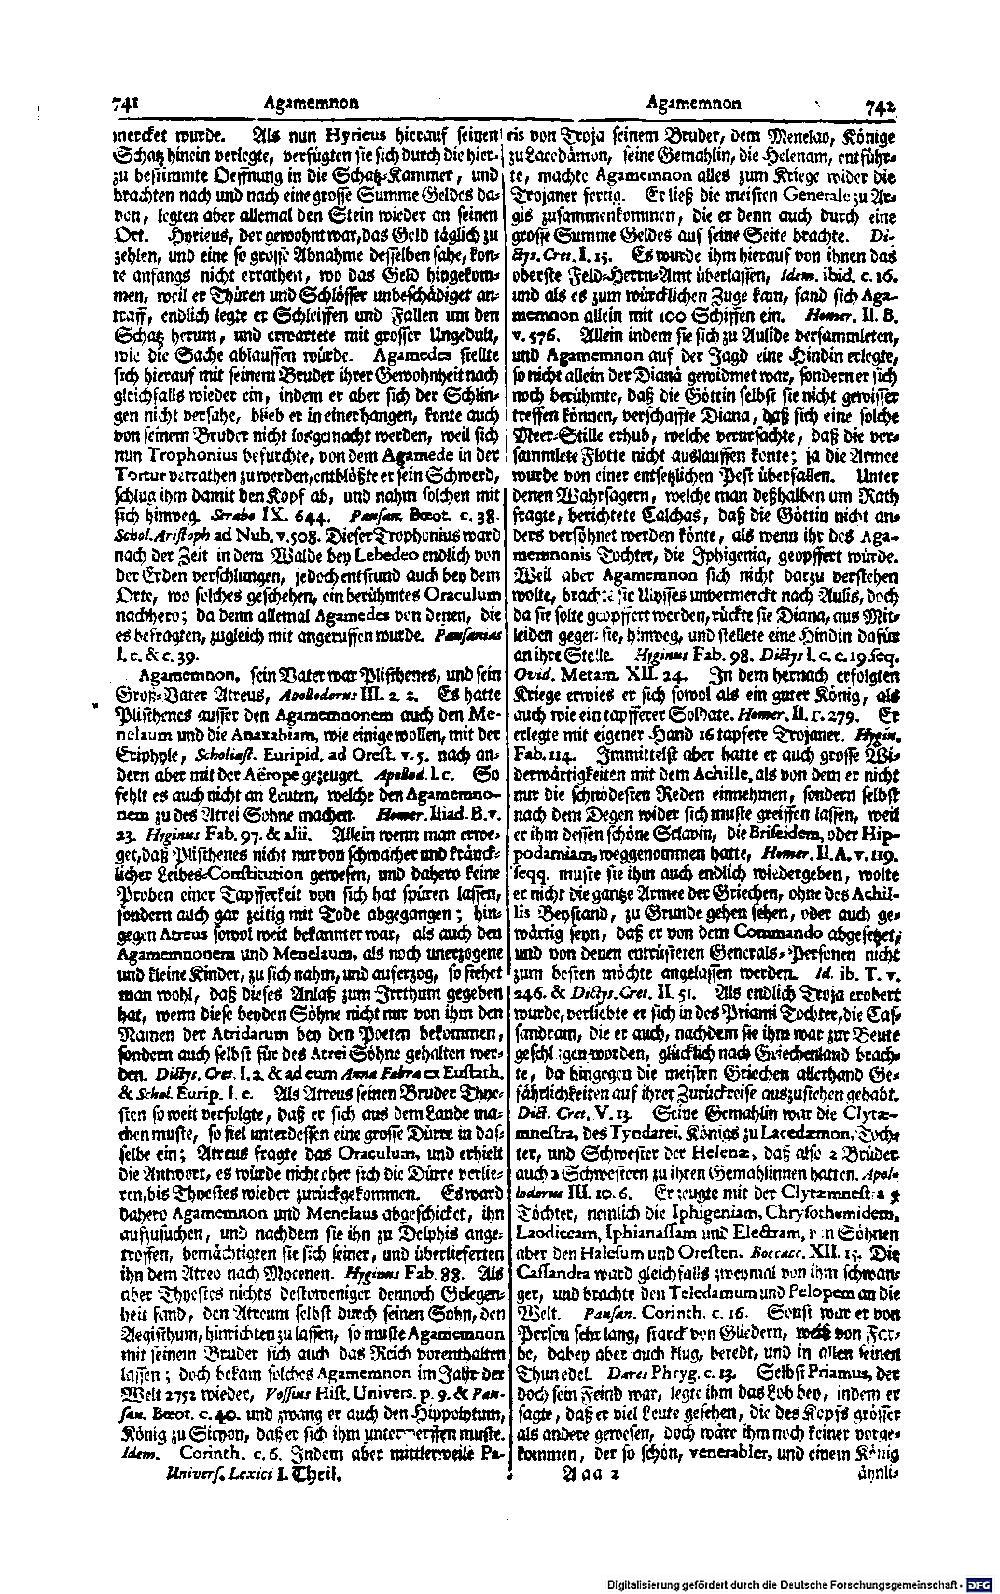 Bd. 01, Seite 0410.